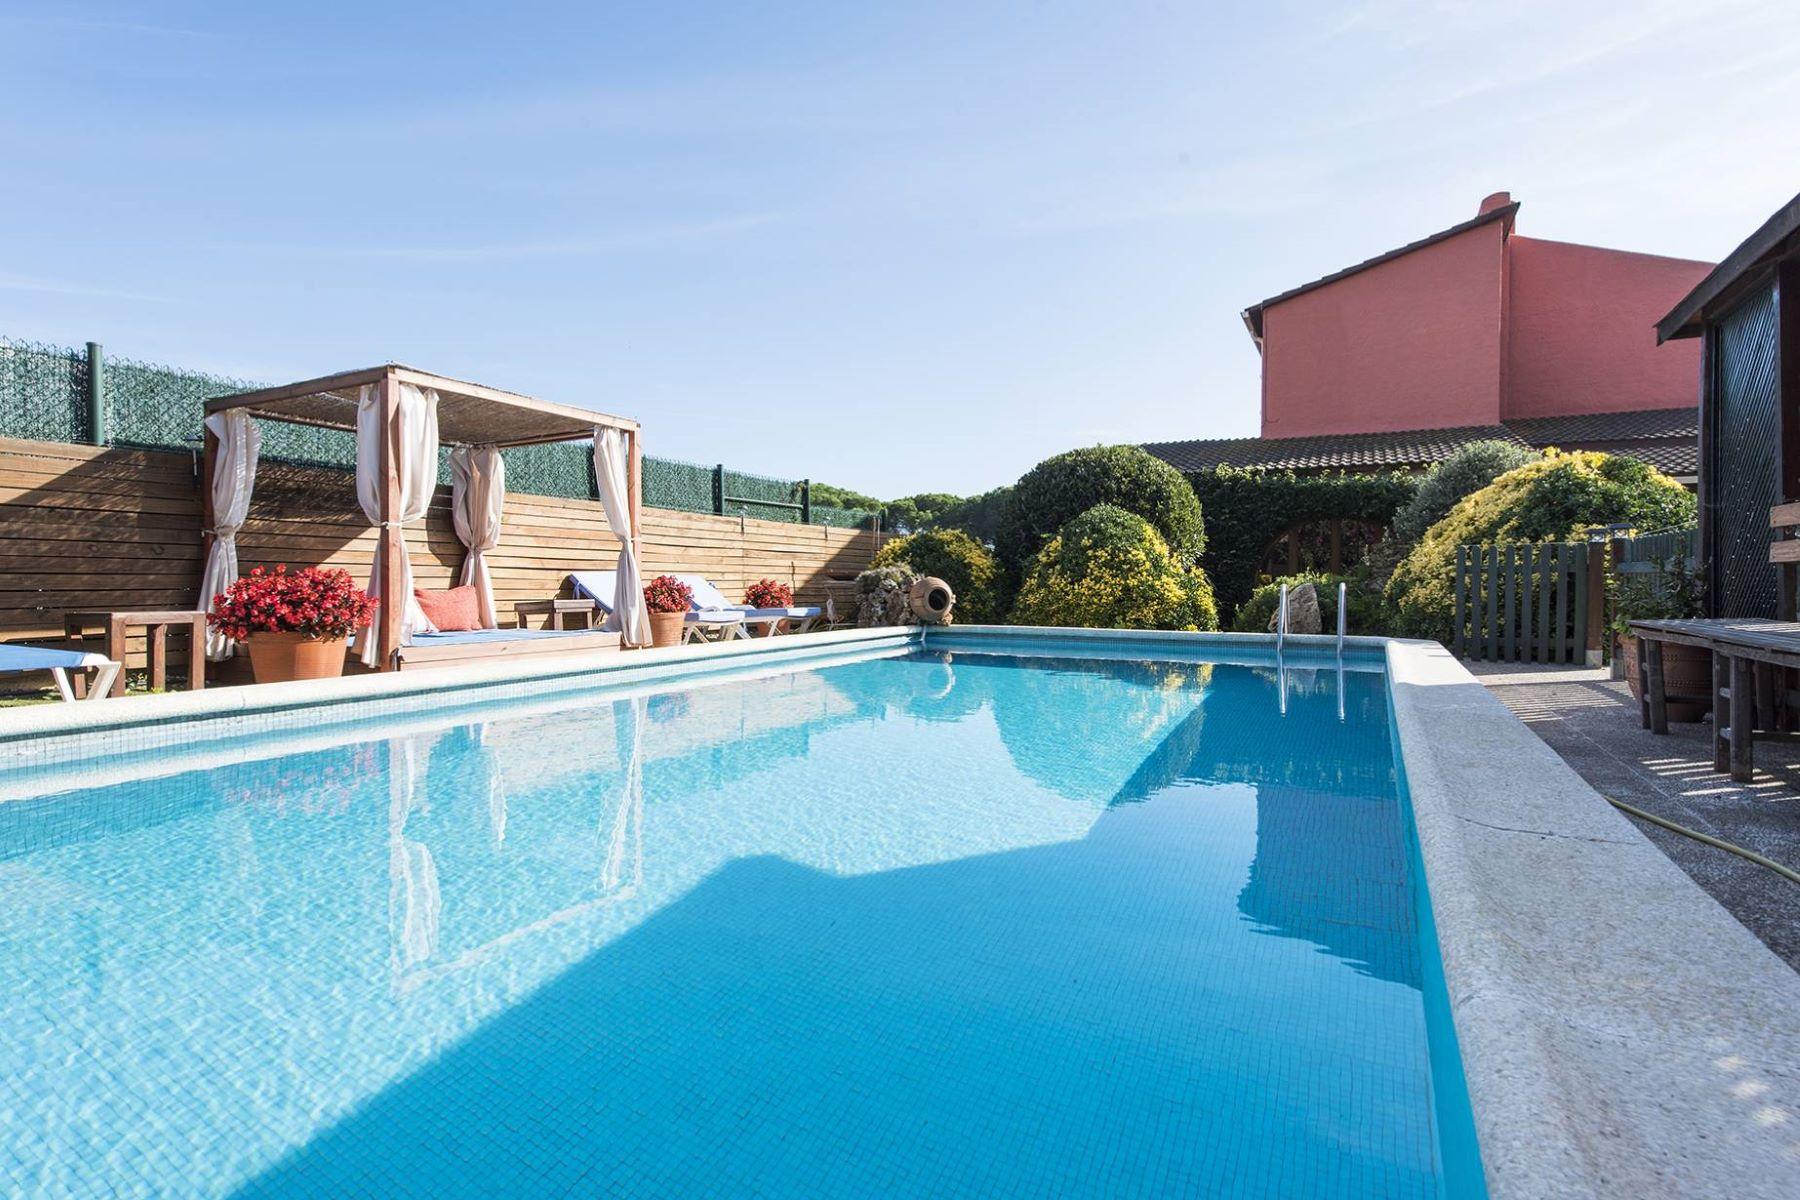 Single Family Home for Sale at Acogedora casa mediterranea en zona residencial buscada a 10 minutos andando ... Sant Antoni De Calonge, Costa Brava, 17252 Spain